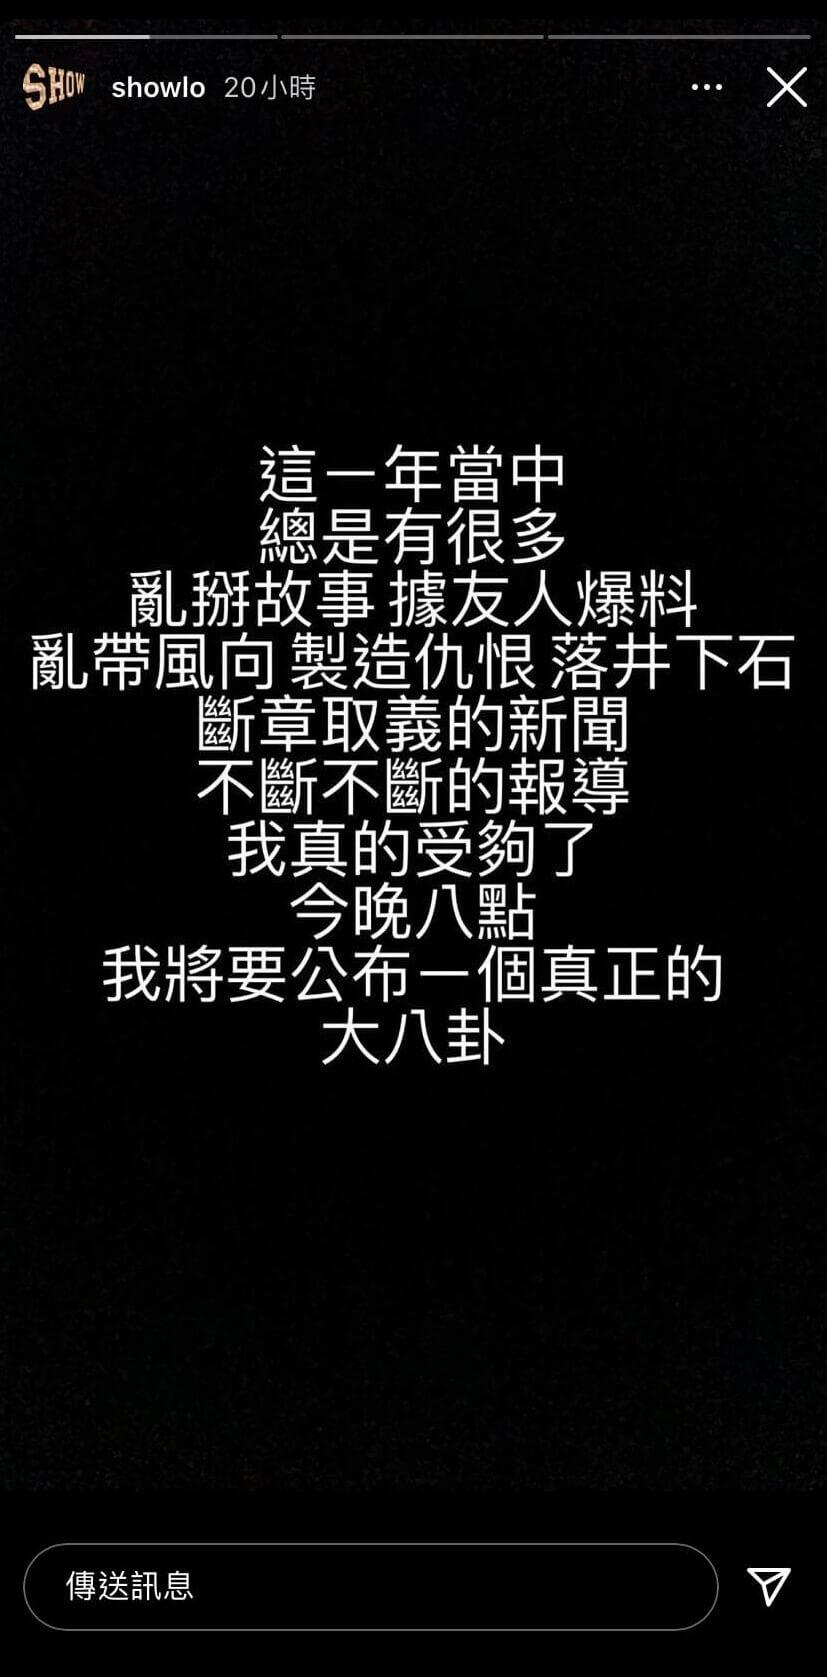 罗志祥「八卦之乱」调侃回击被骂爆!工作人员急解释:他也无奈插图5